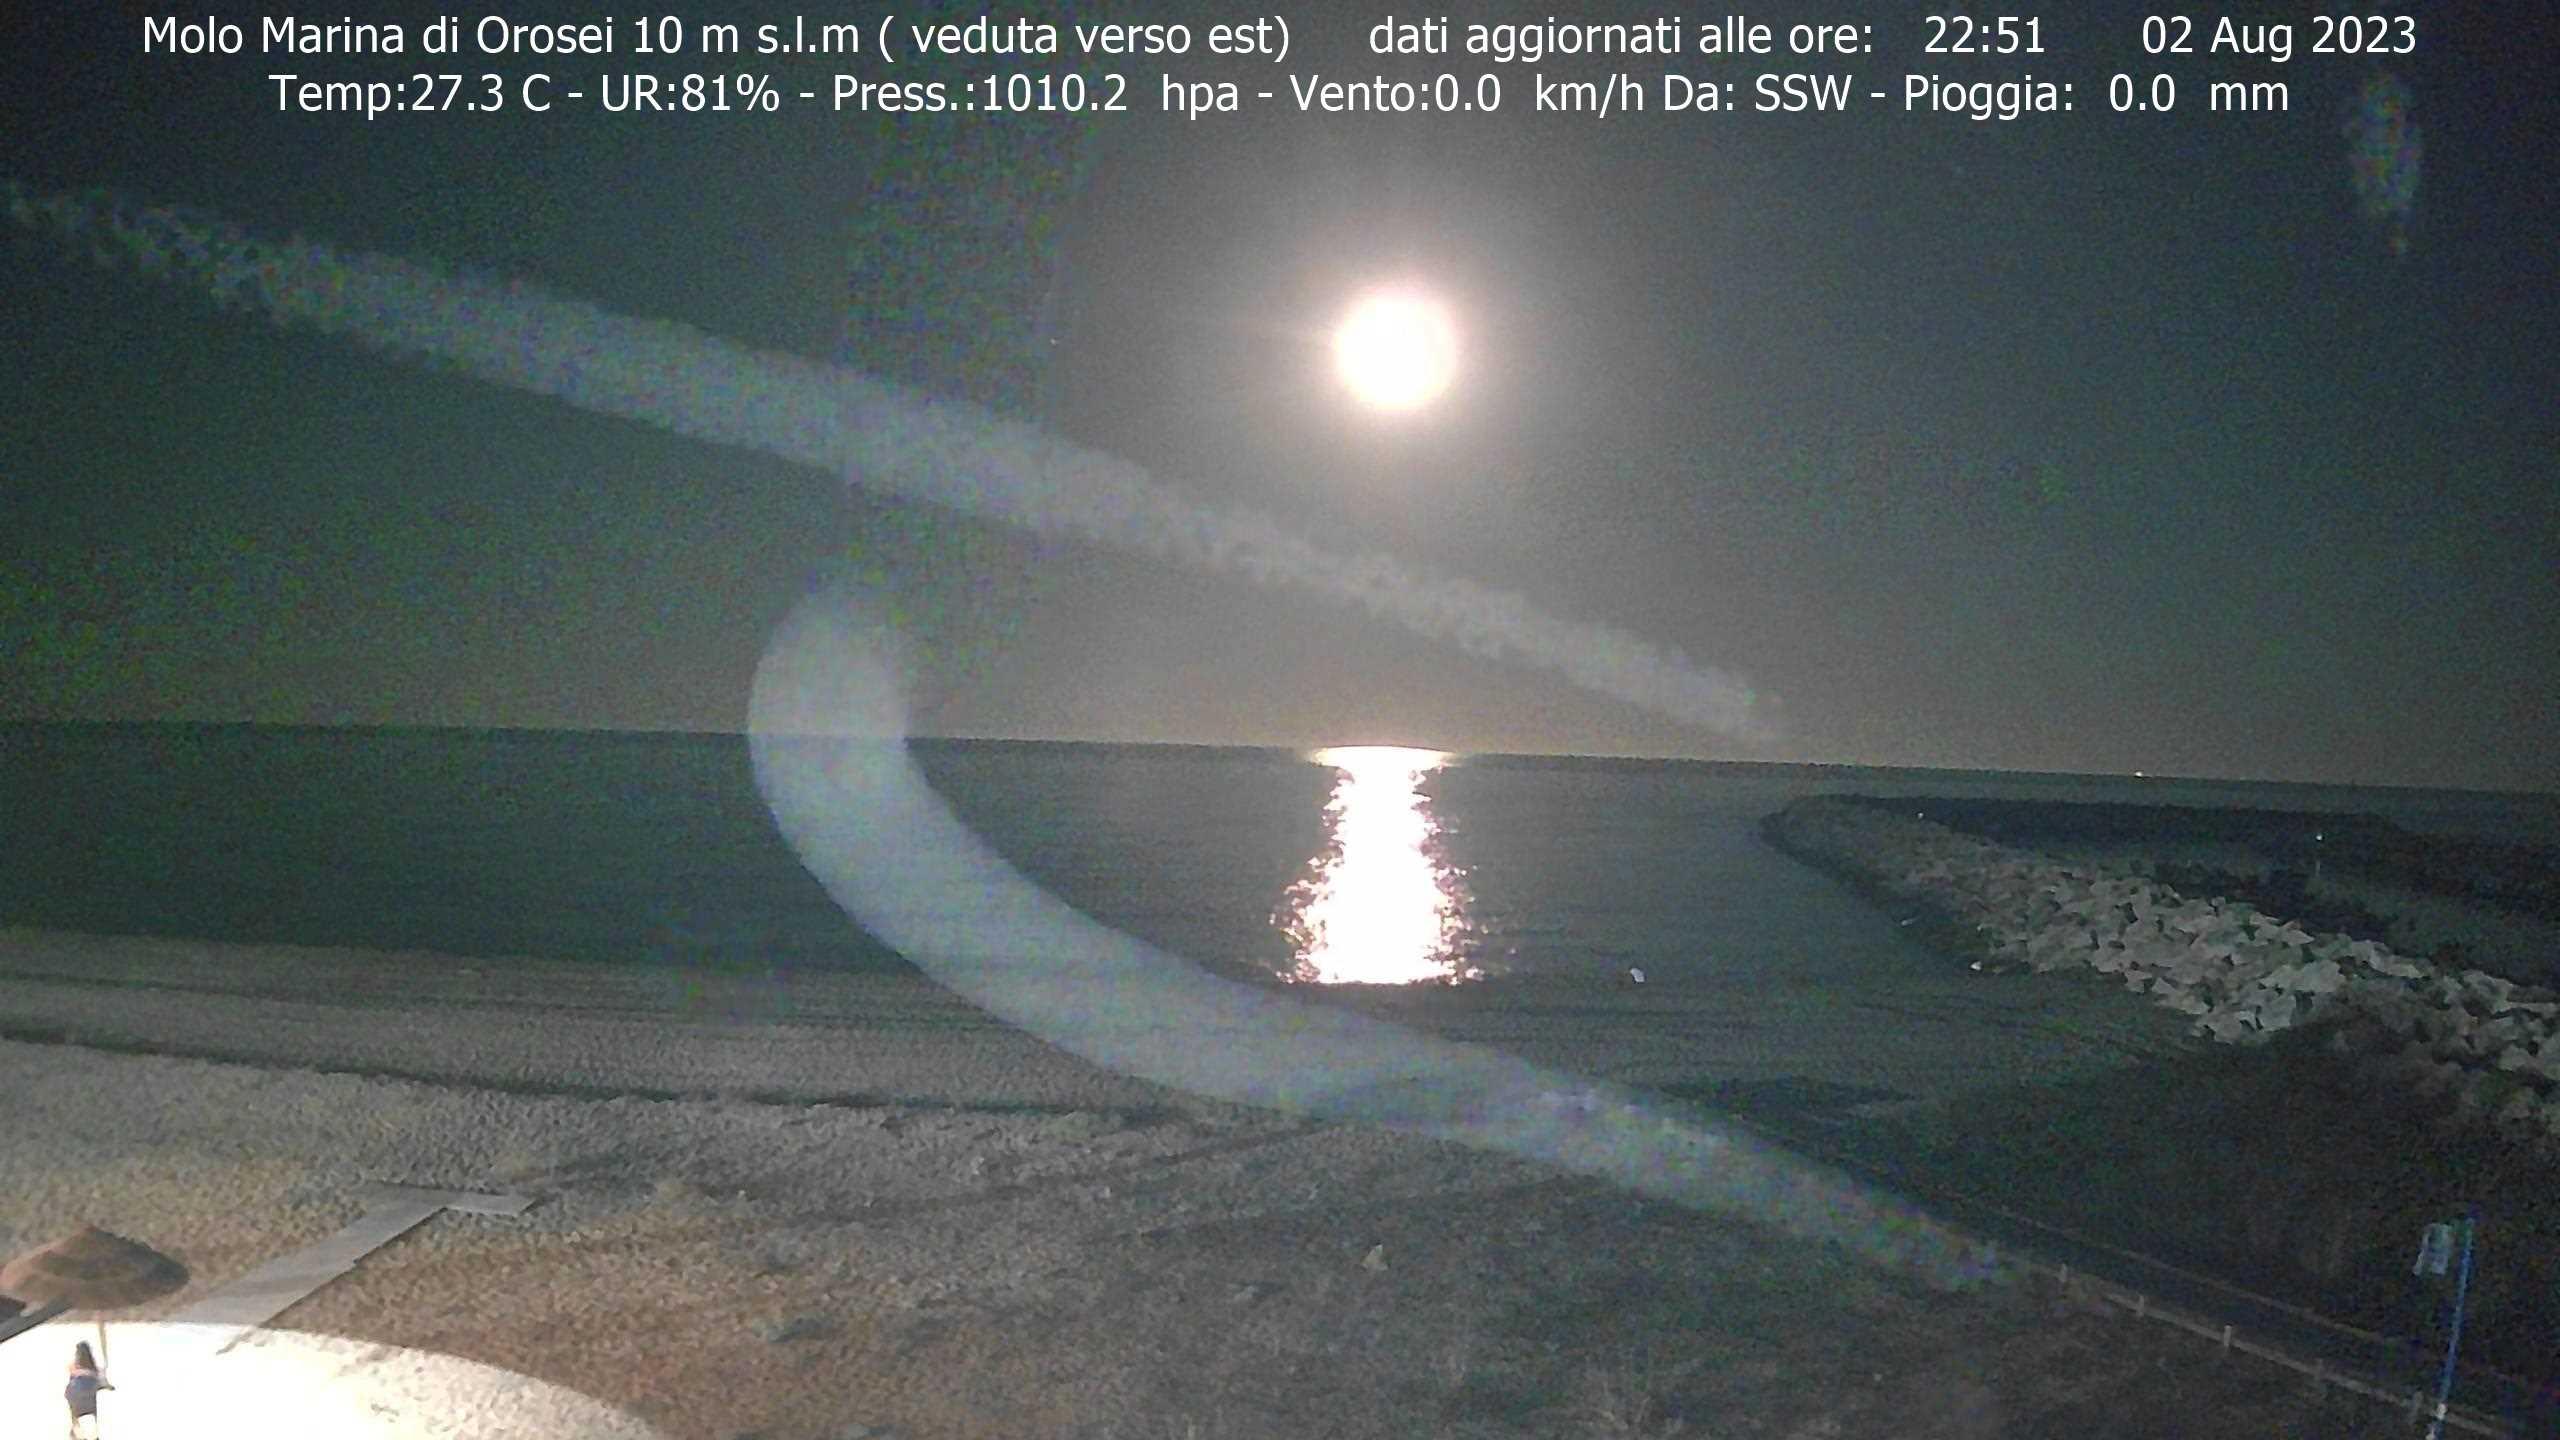 Webcam Orosei, Marina di Orosei - OroseiMeteo